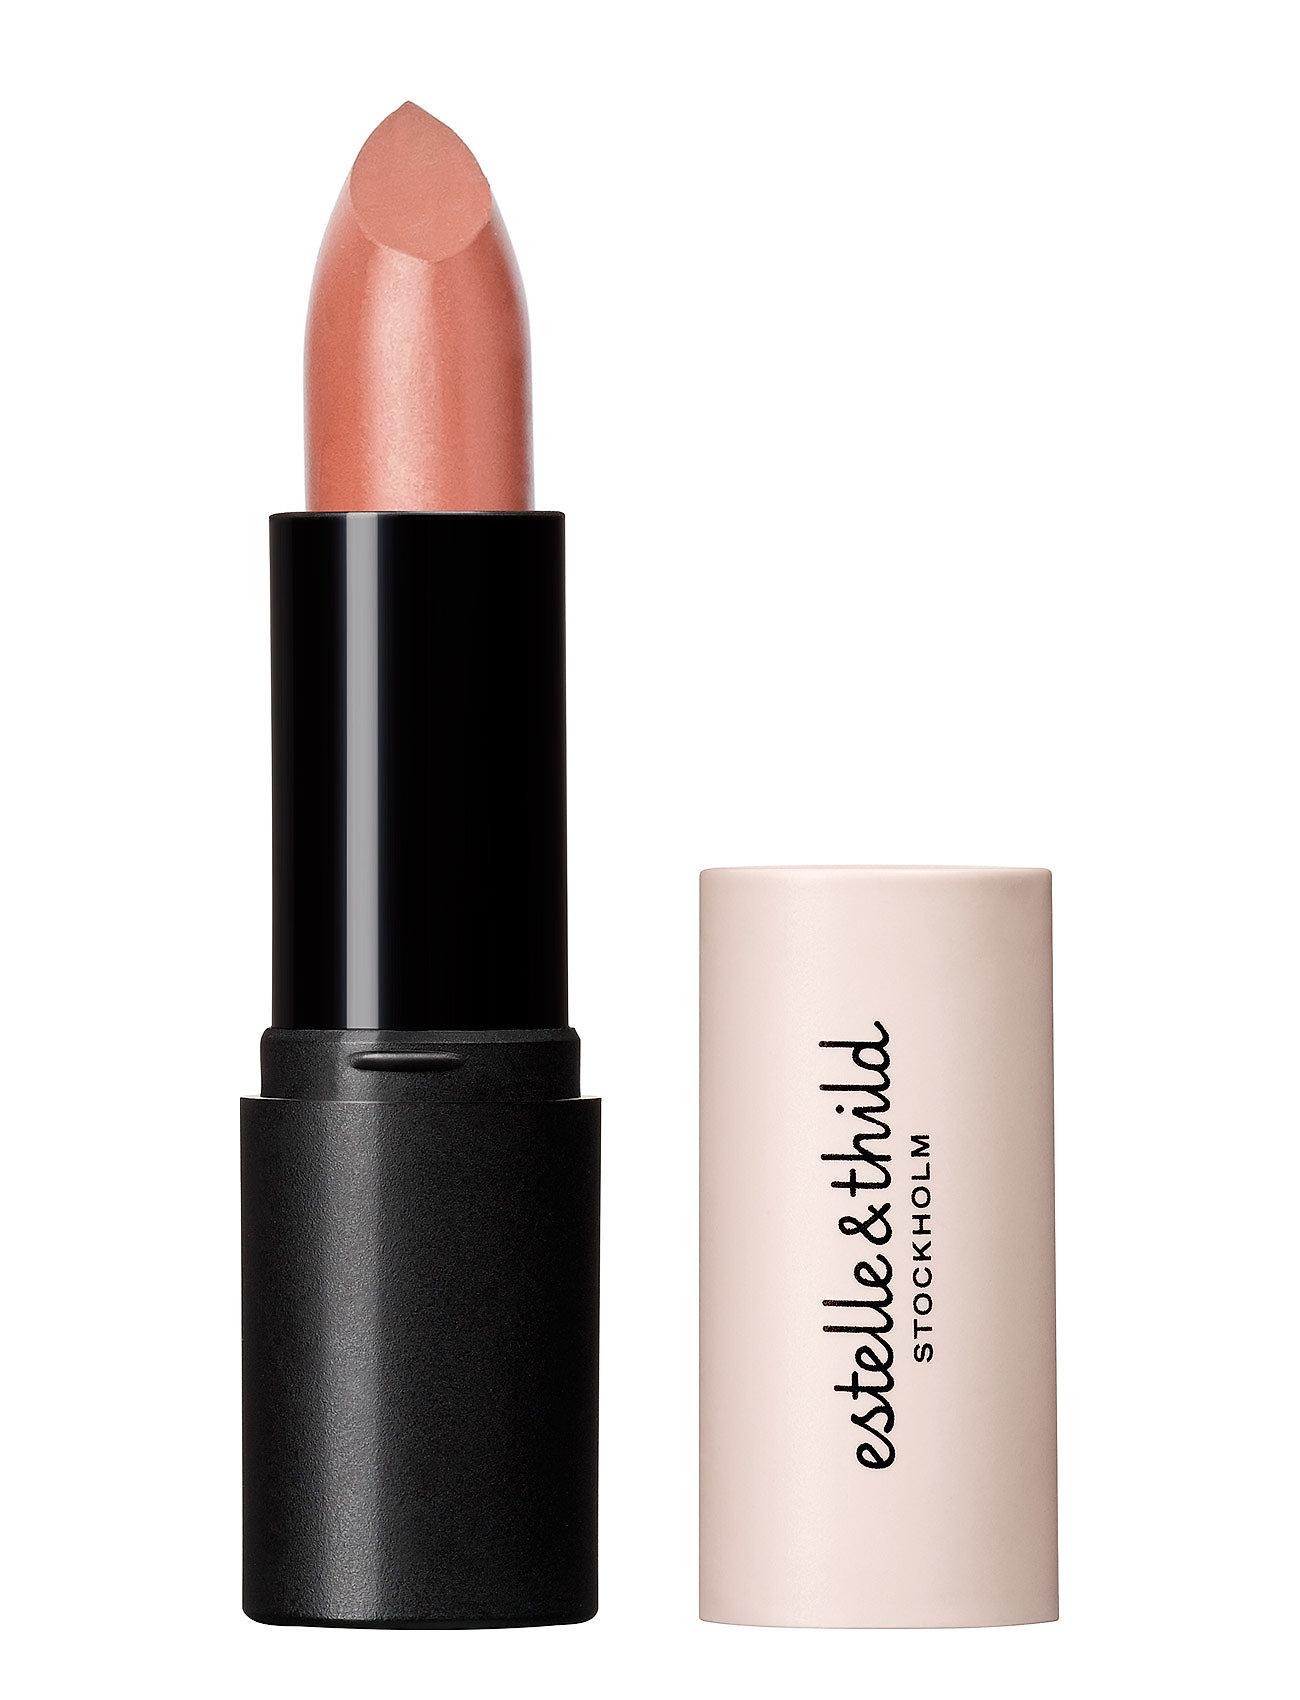 Biomineral Cream Lipstick Dusty Beige - Estelle & Thild